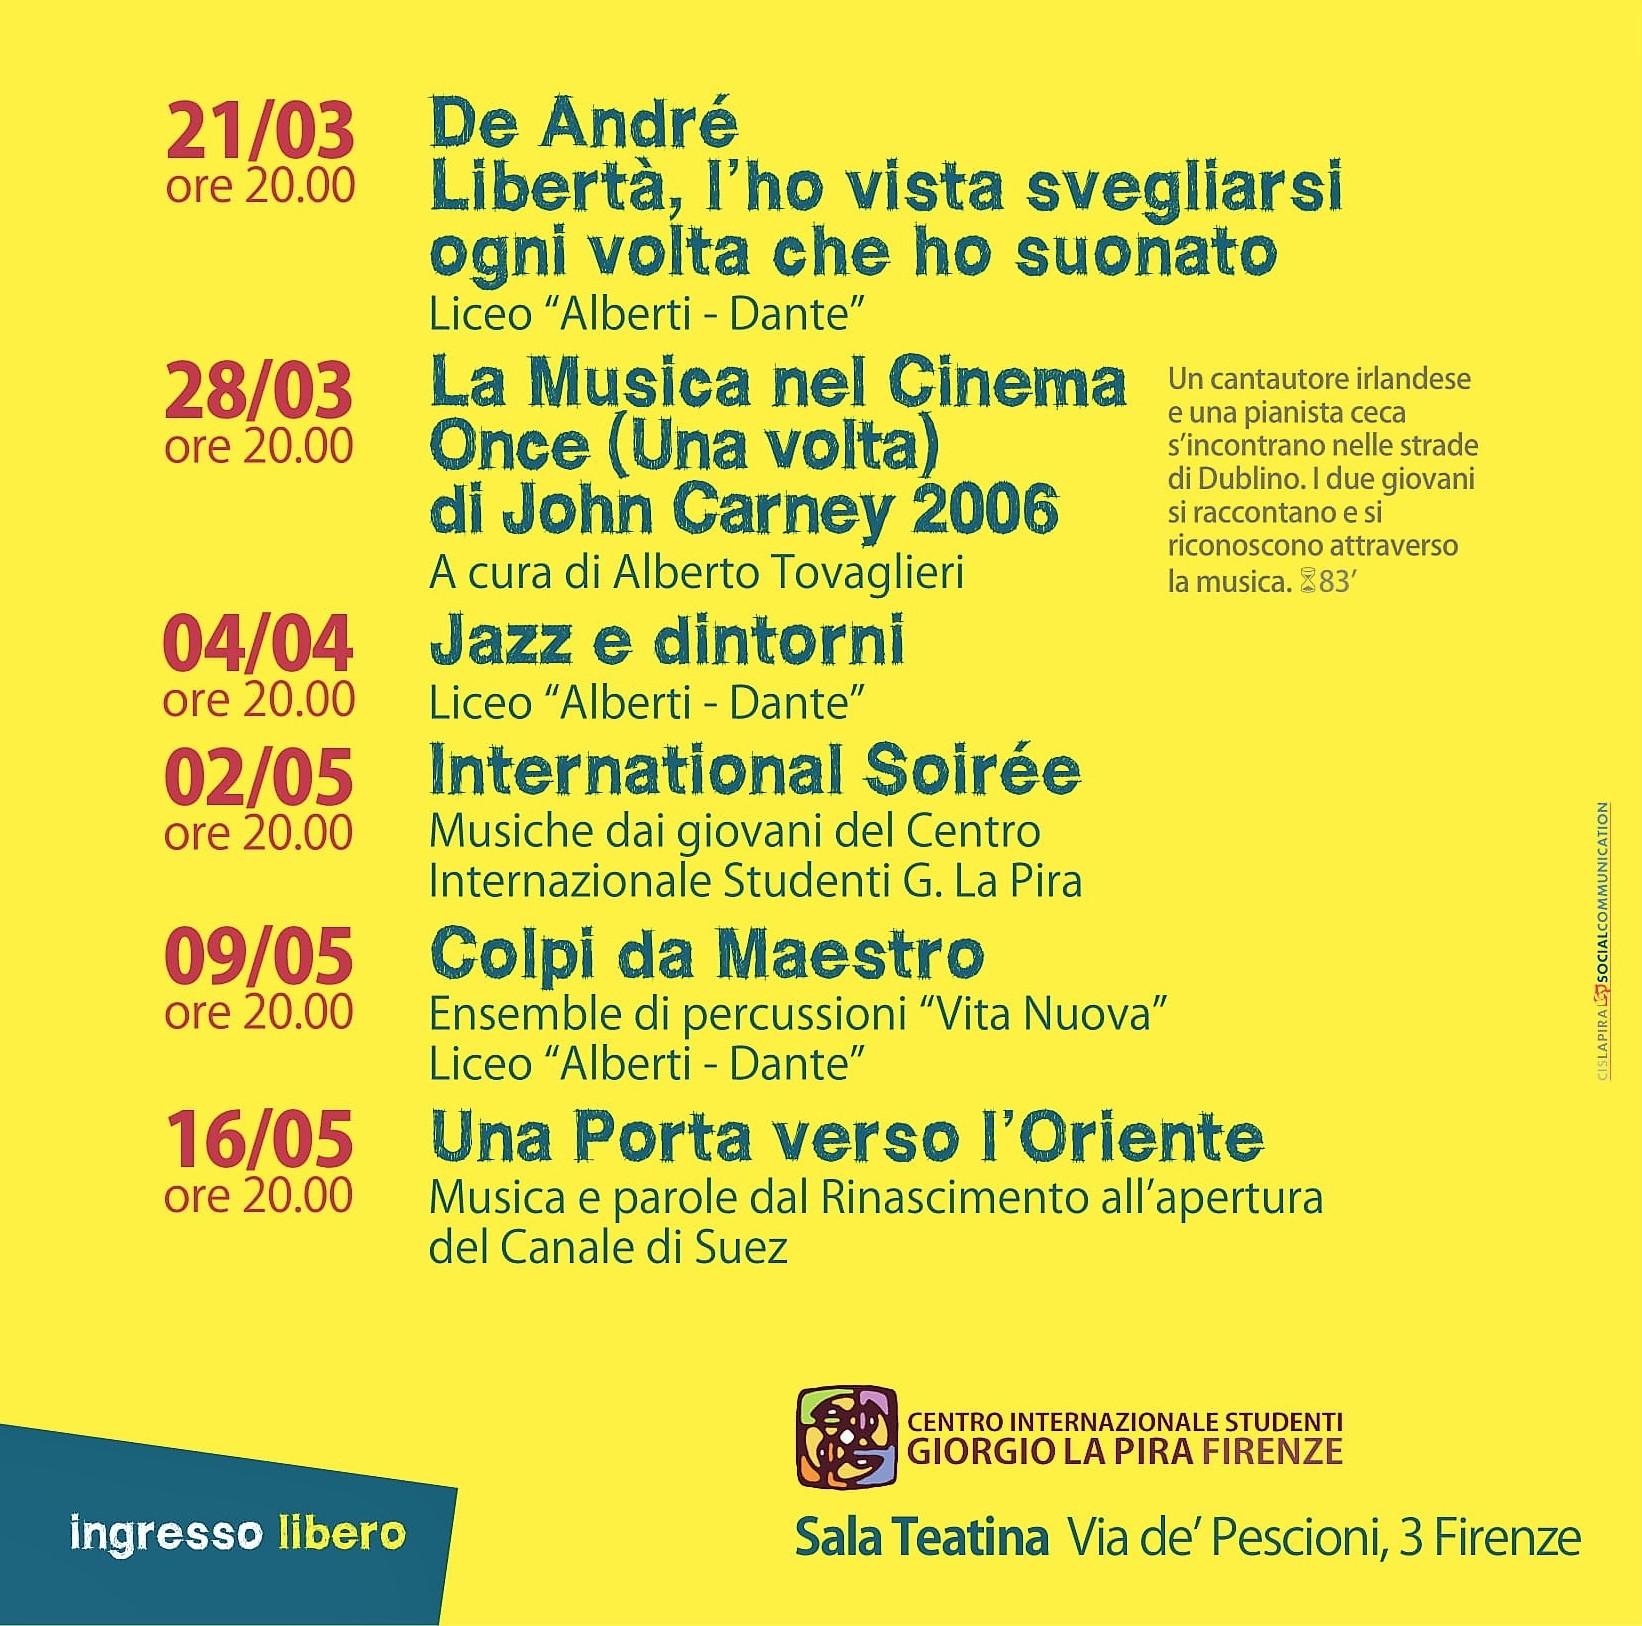 eventi-musicali-centro-studenti-la-pira-2019